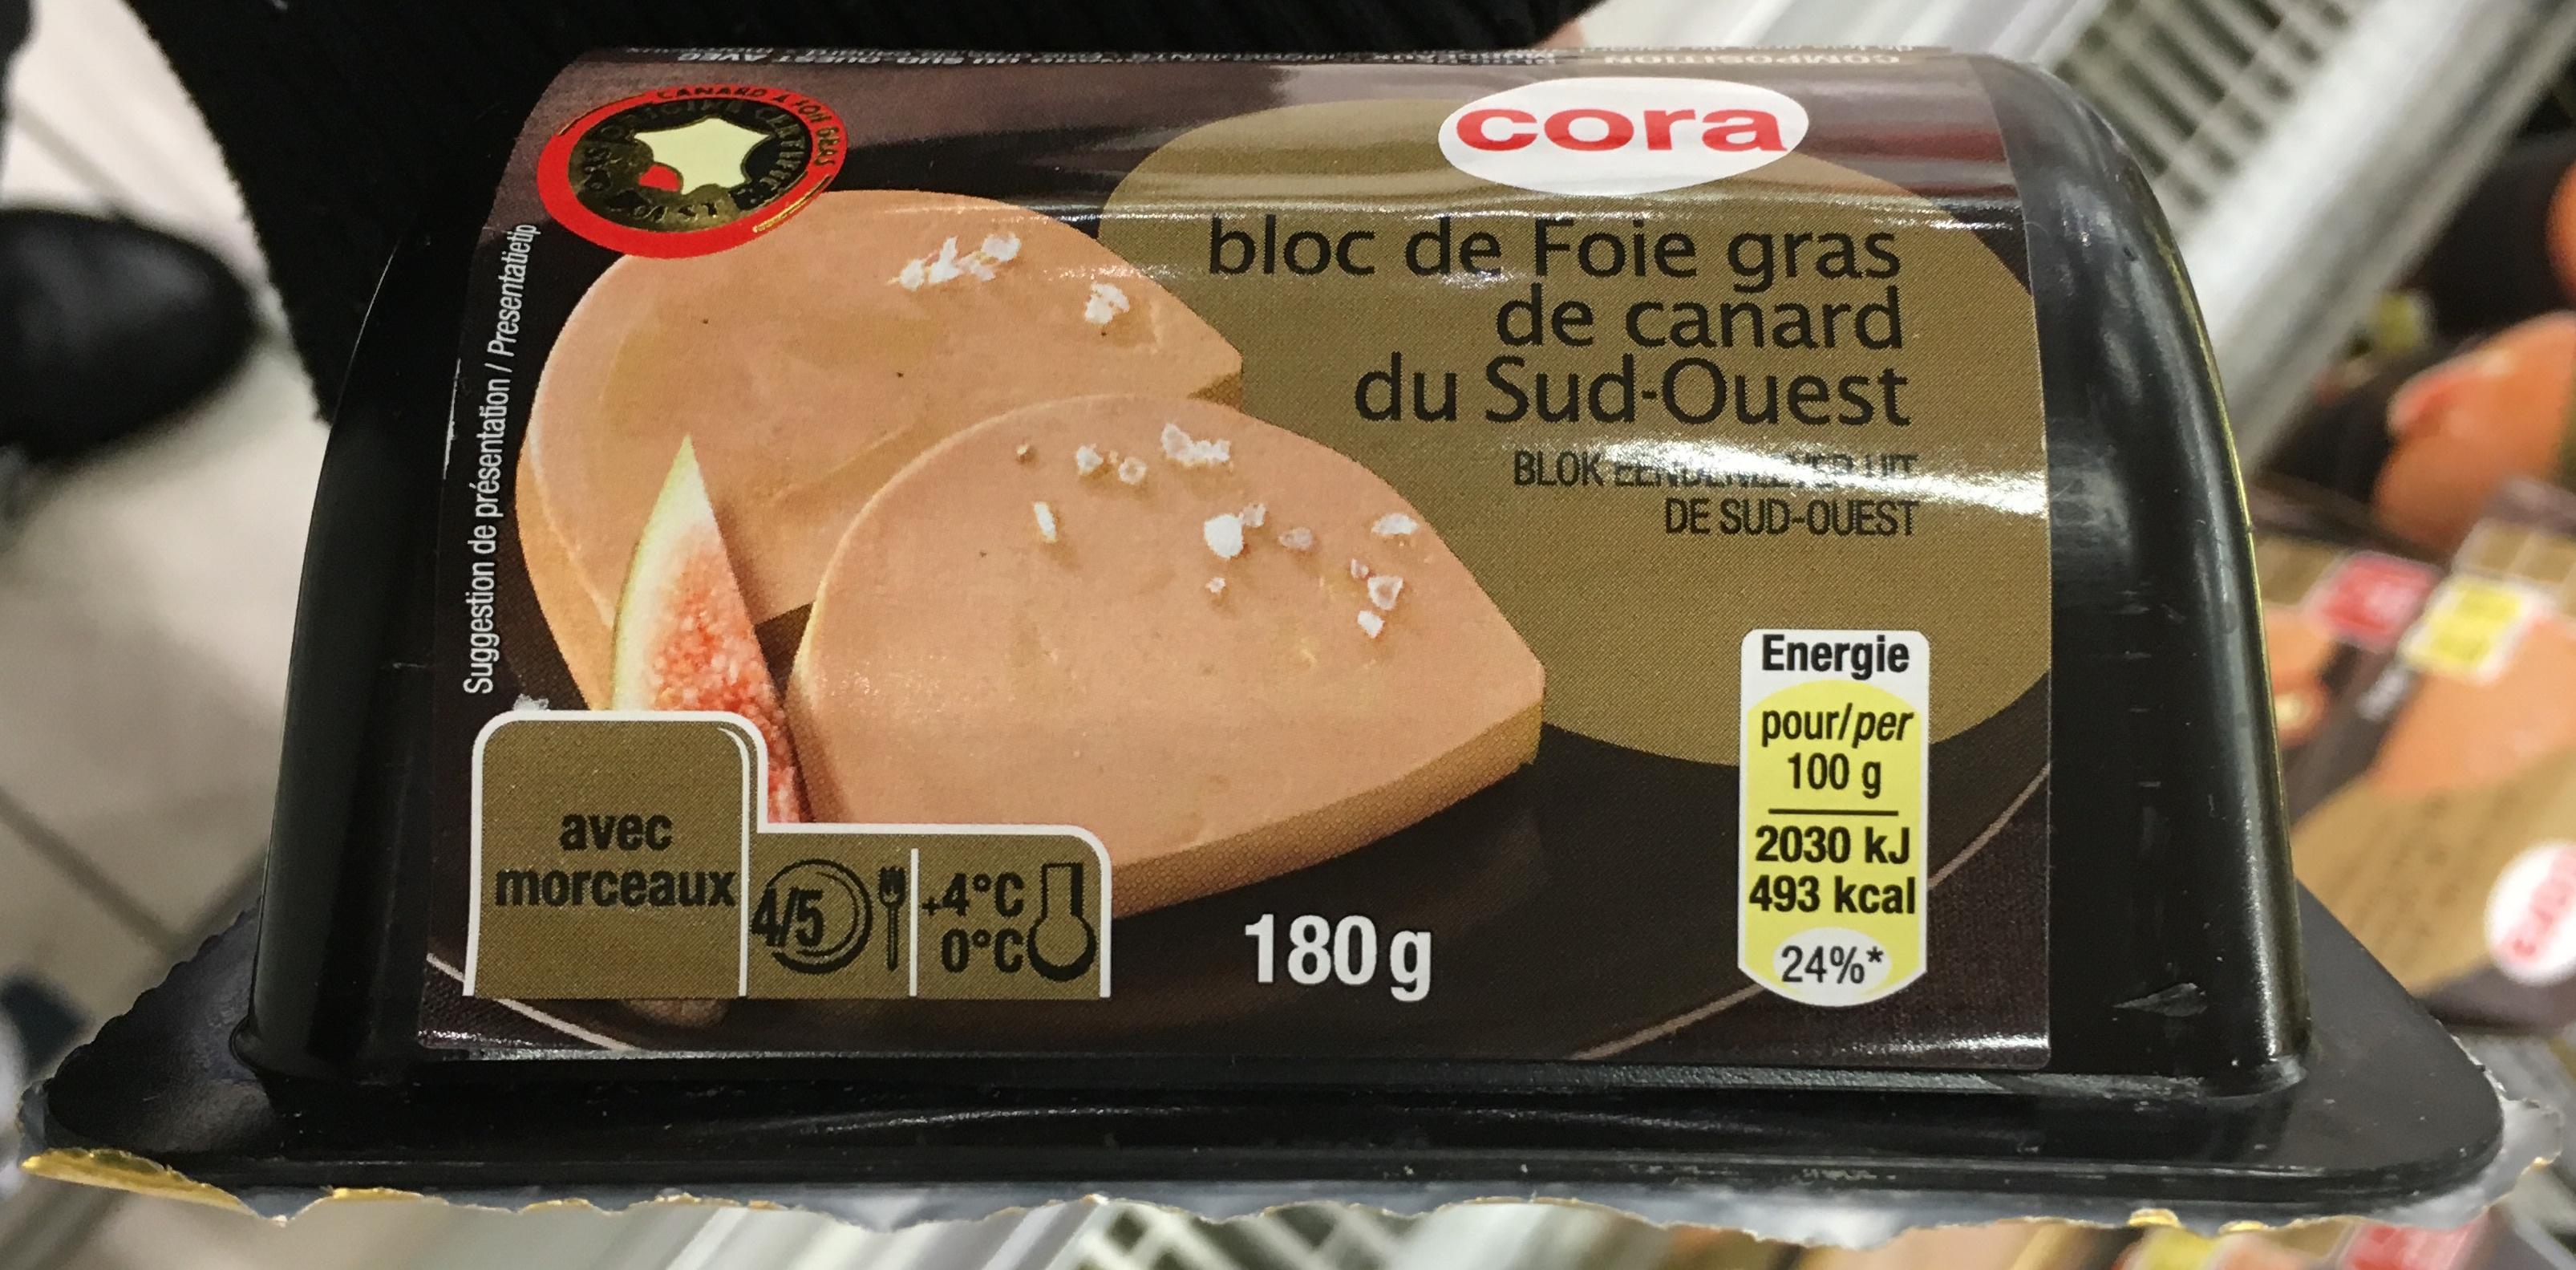 Bloc de Foie gras de canard du Sud-Ouest - Product - fr